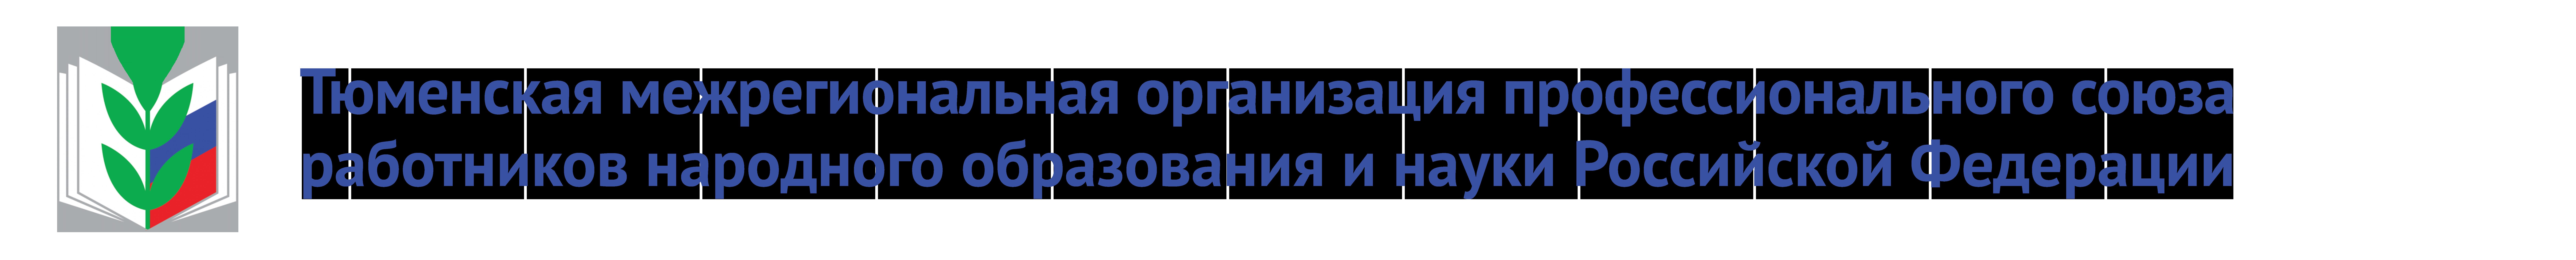 Тюменская межрегиональная организация Профсоюза работников народного образования и науки Российской Федерации